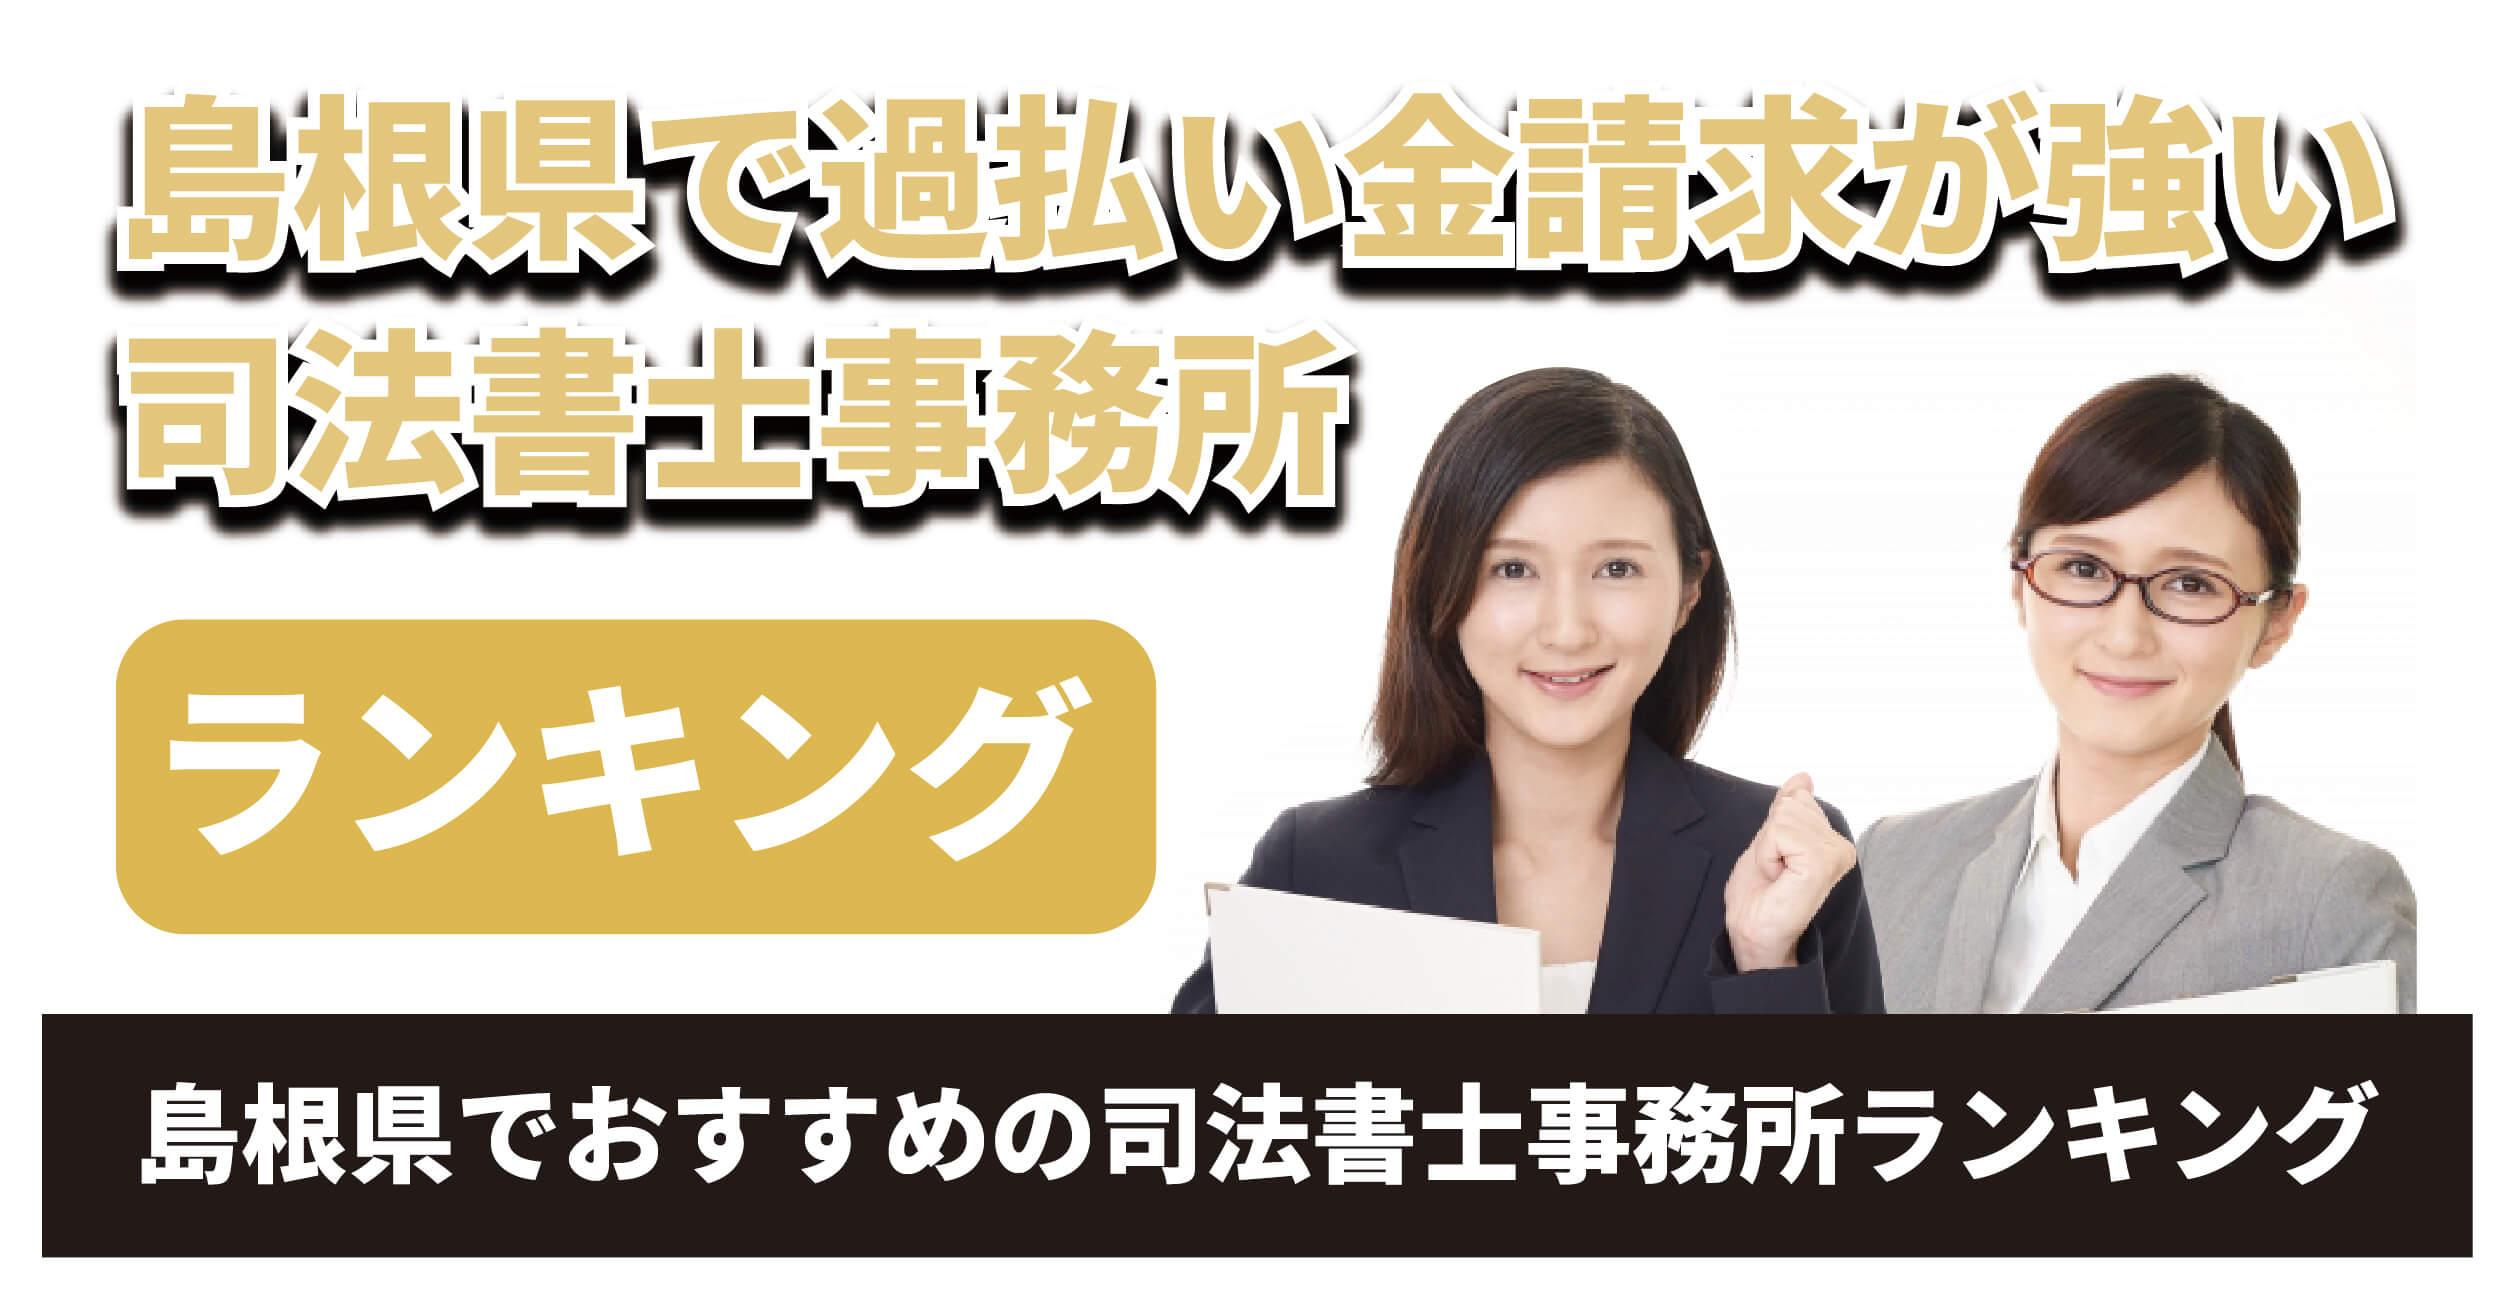 島根県で過払い金請求が強い司法書士は?